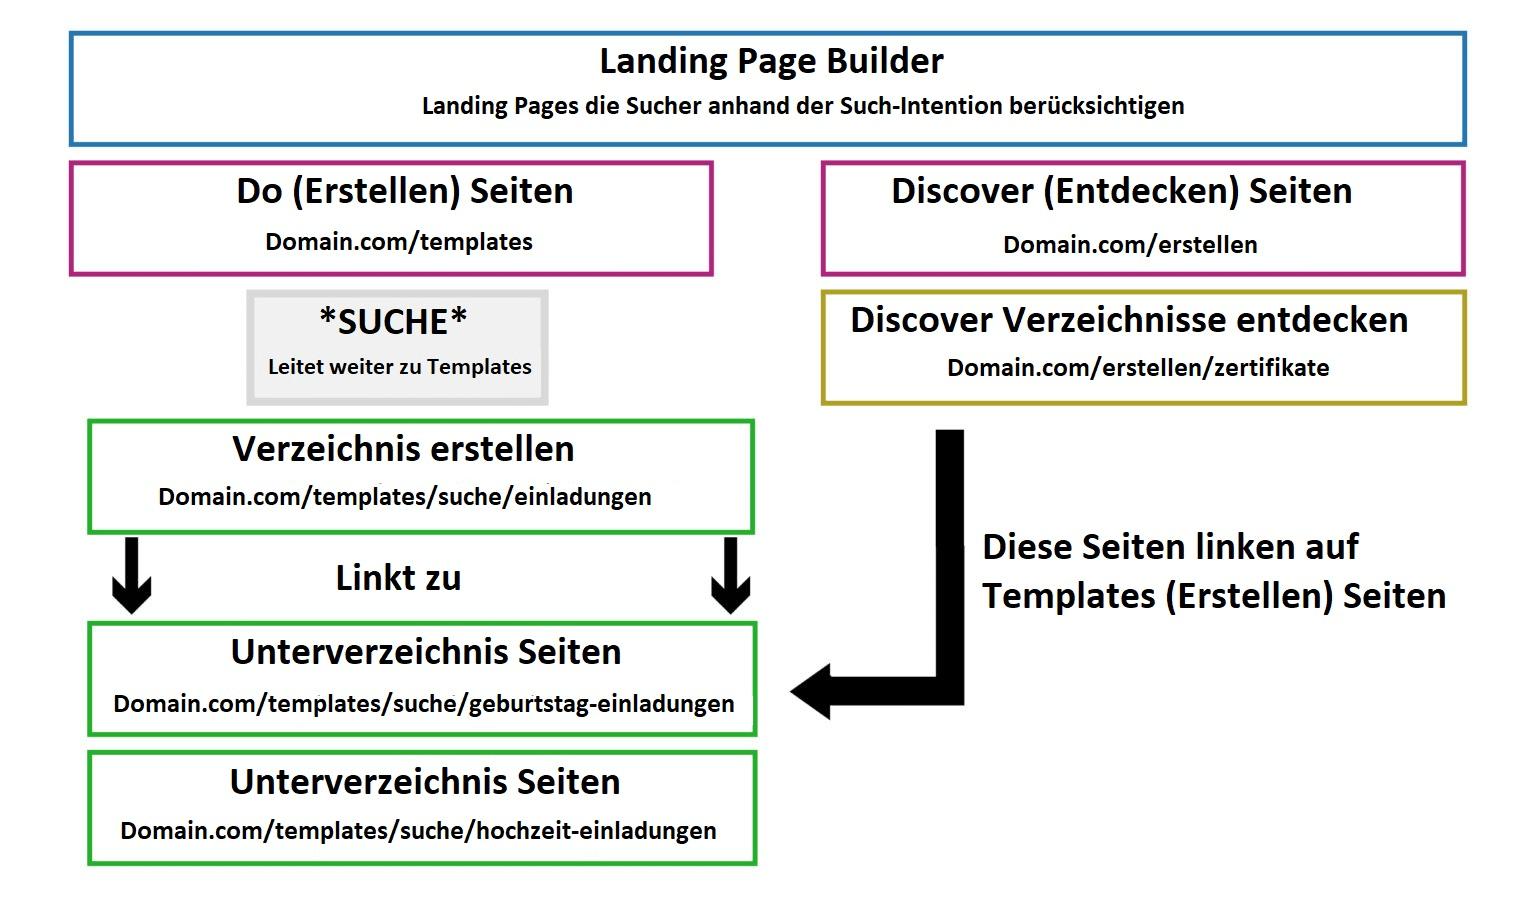 Landing Page Diagramm von URLs und Verzeichnissen